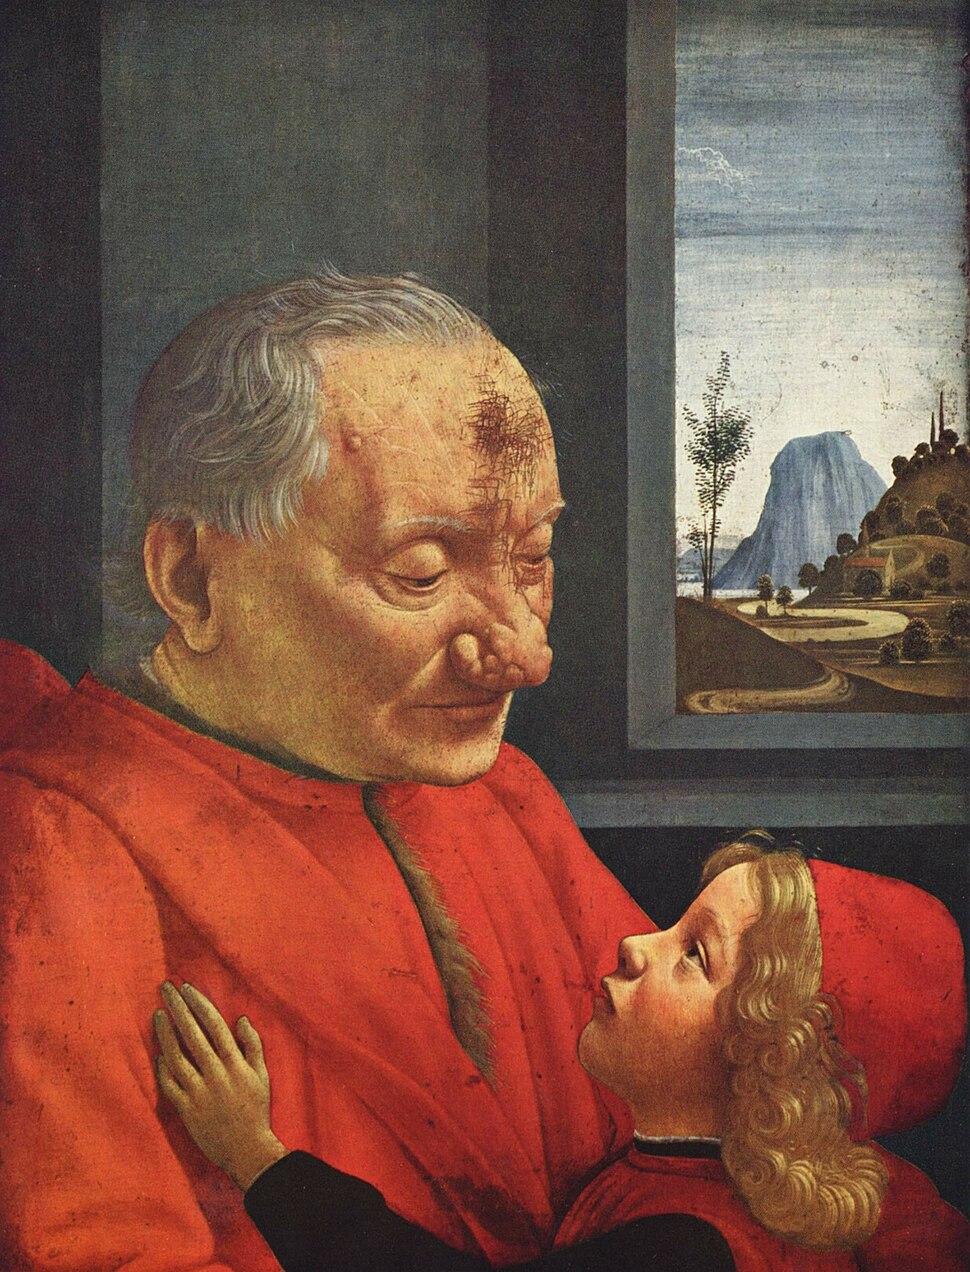 Ritratto di vecchio con nipote 2,024 × 2,654 pixels 463 KB